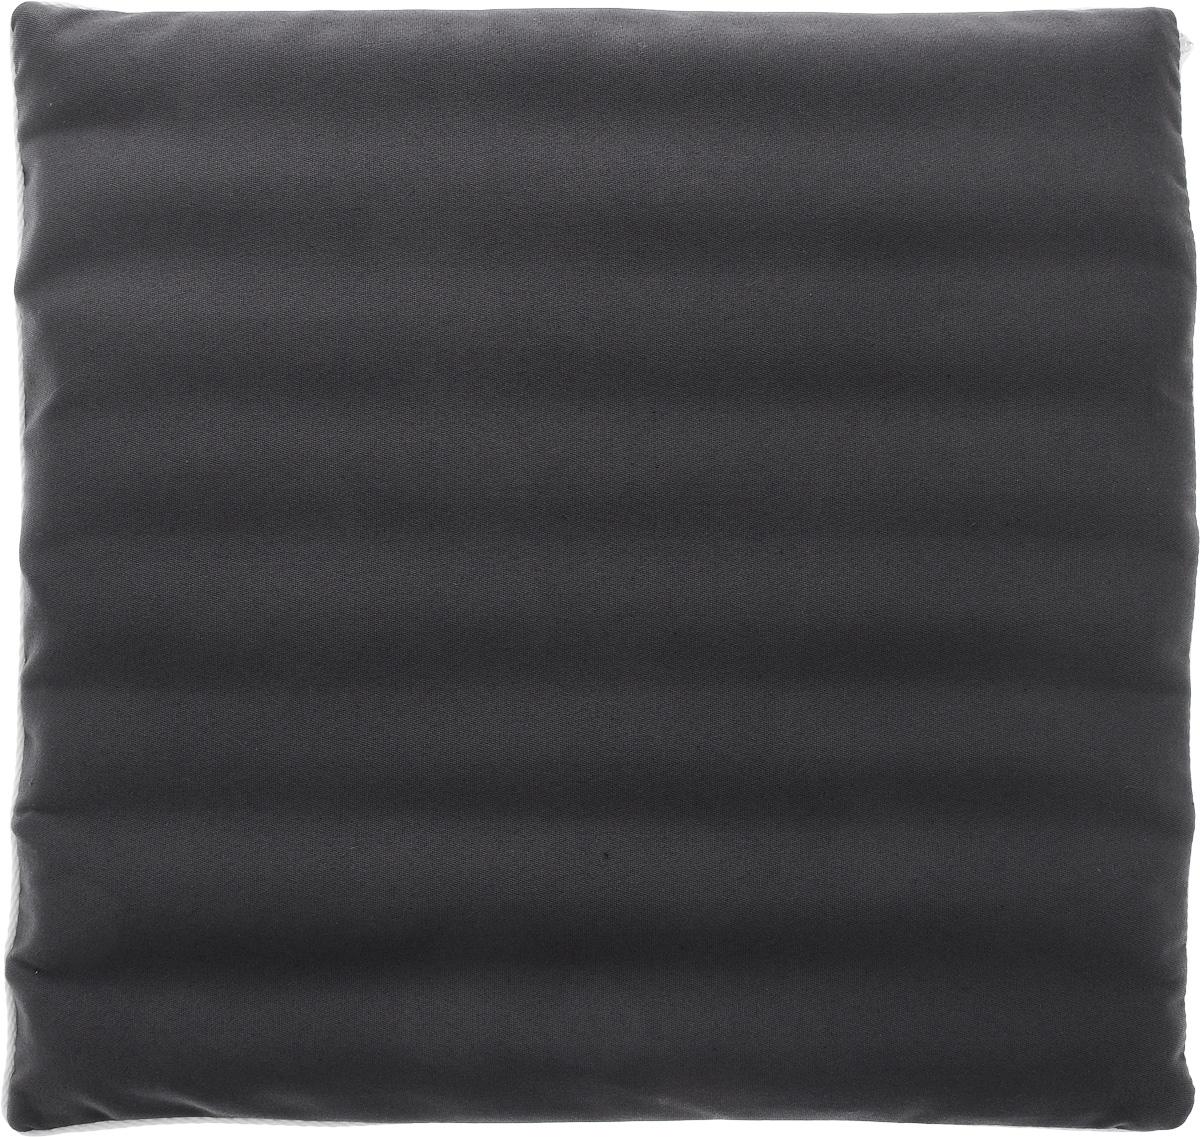 Подушка на сиденье Smart Textile Гемо-комфорт офис, с чехлом, наполнитель: лузга гречихи, 40 х 40 см115510Подушка на сиденье Smart Textile Гемо-комфорт офис создана для тех, кто весь свой рабочий день вынужден проводить в офисном кресле. Наполнителем служат лепестки лузги гречихи, которые обеспечивают микромассаж кожи и поверхностных мышц, а также обеспечивают удобную посадку и снимают напряжение.Особенности подушки:- Хорошо проветривается.- Предупреждает потение.- Поддерживает комфортную температуру.- Обминается по форме тела.- Улучшает кровообращение.- Исключает затечные явления.- Предупреждает развитие заболеваний, связанных с сидячим образом жизни. Конструкция подушки, составленная из ряда валиков, обеспечивает еще больший массажный эффект, а плотная износостойкая ткань хорошо удерживает наполнитель, сохраняет форму подушки и продлевает срок службы изделия.Подушка также будет полезна и дома - при работе за компьютером, школьникам - при выполнении домашних работ, да и в любимом кресле перед телевизором.В комплект прилагается сменный чехол, выполненный из смесовой ткани, за счет чего уход за подушкой становится удобнее и проще.